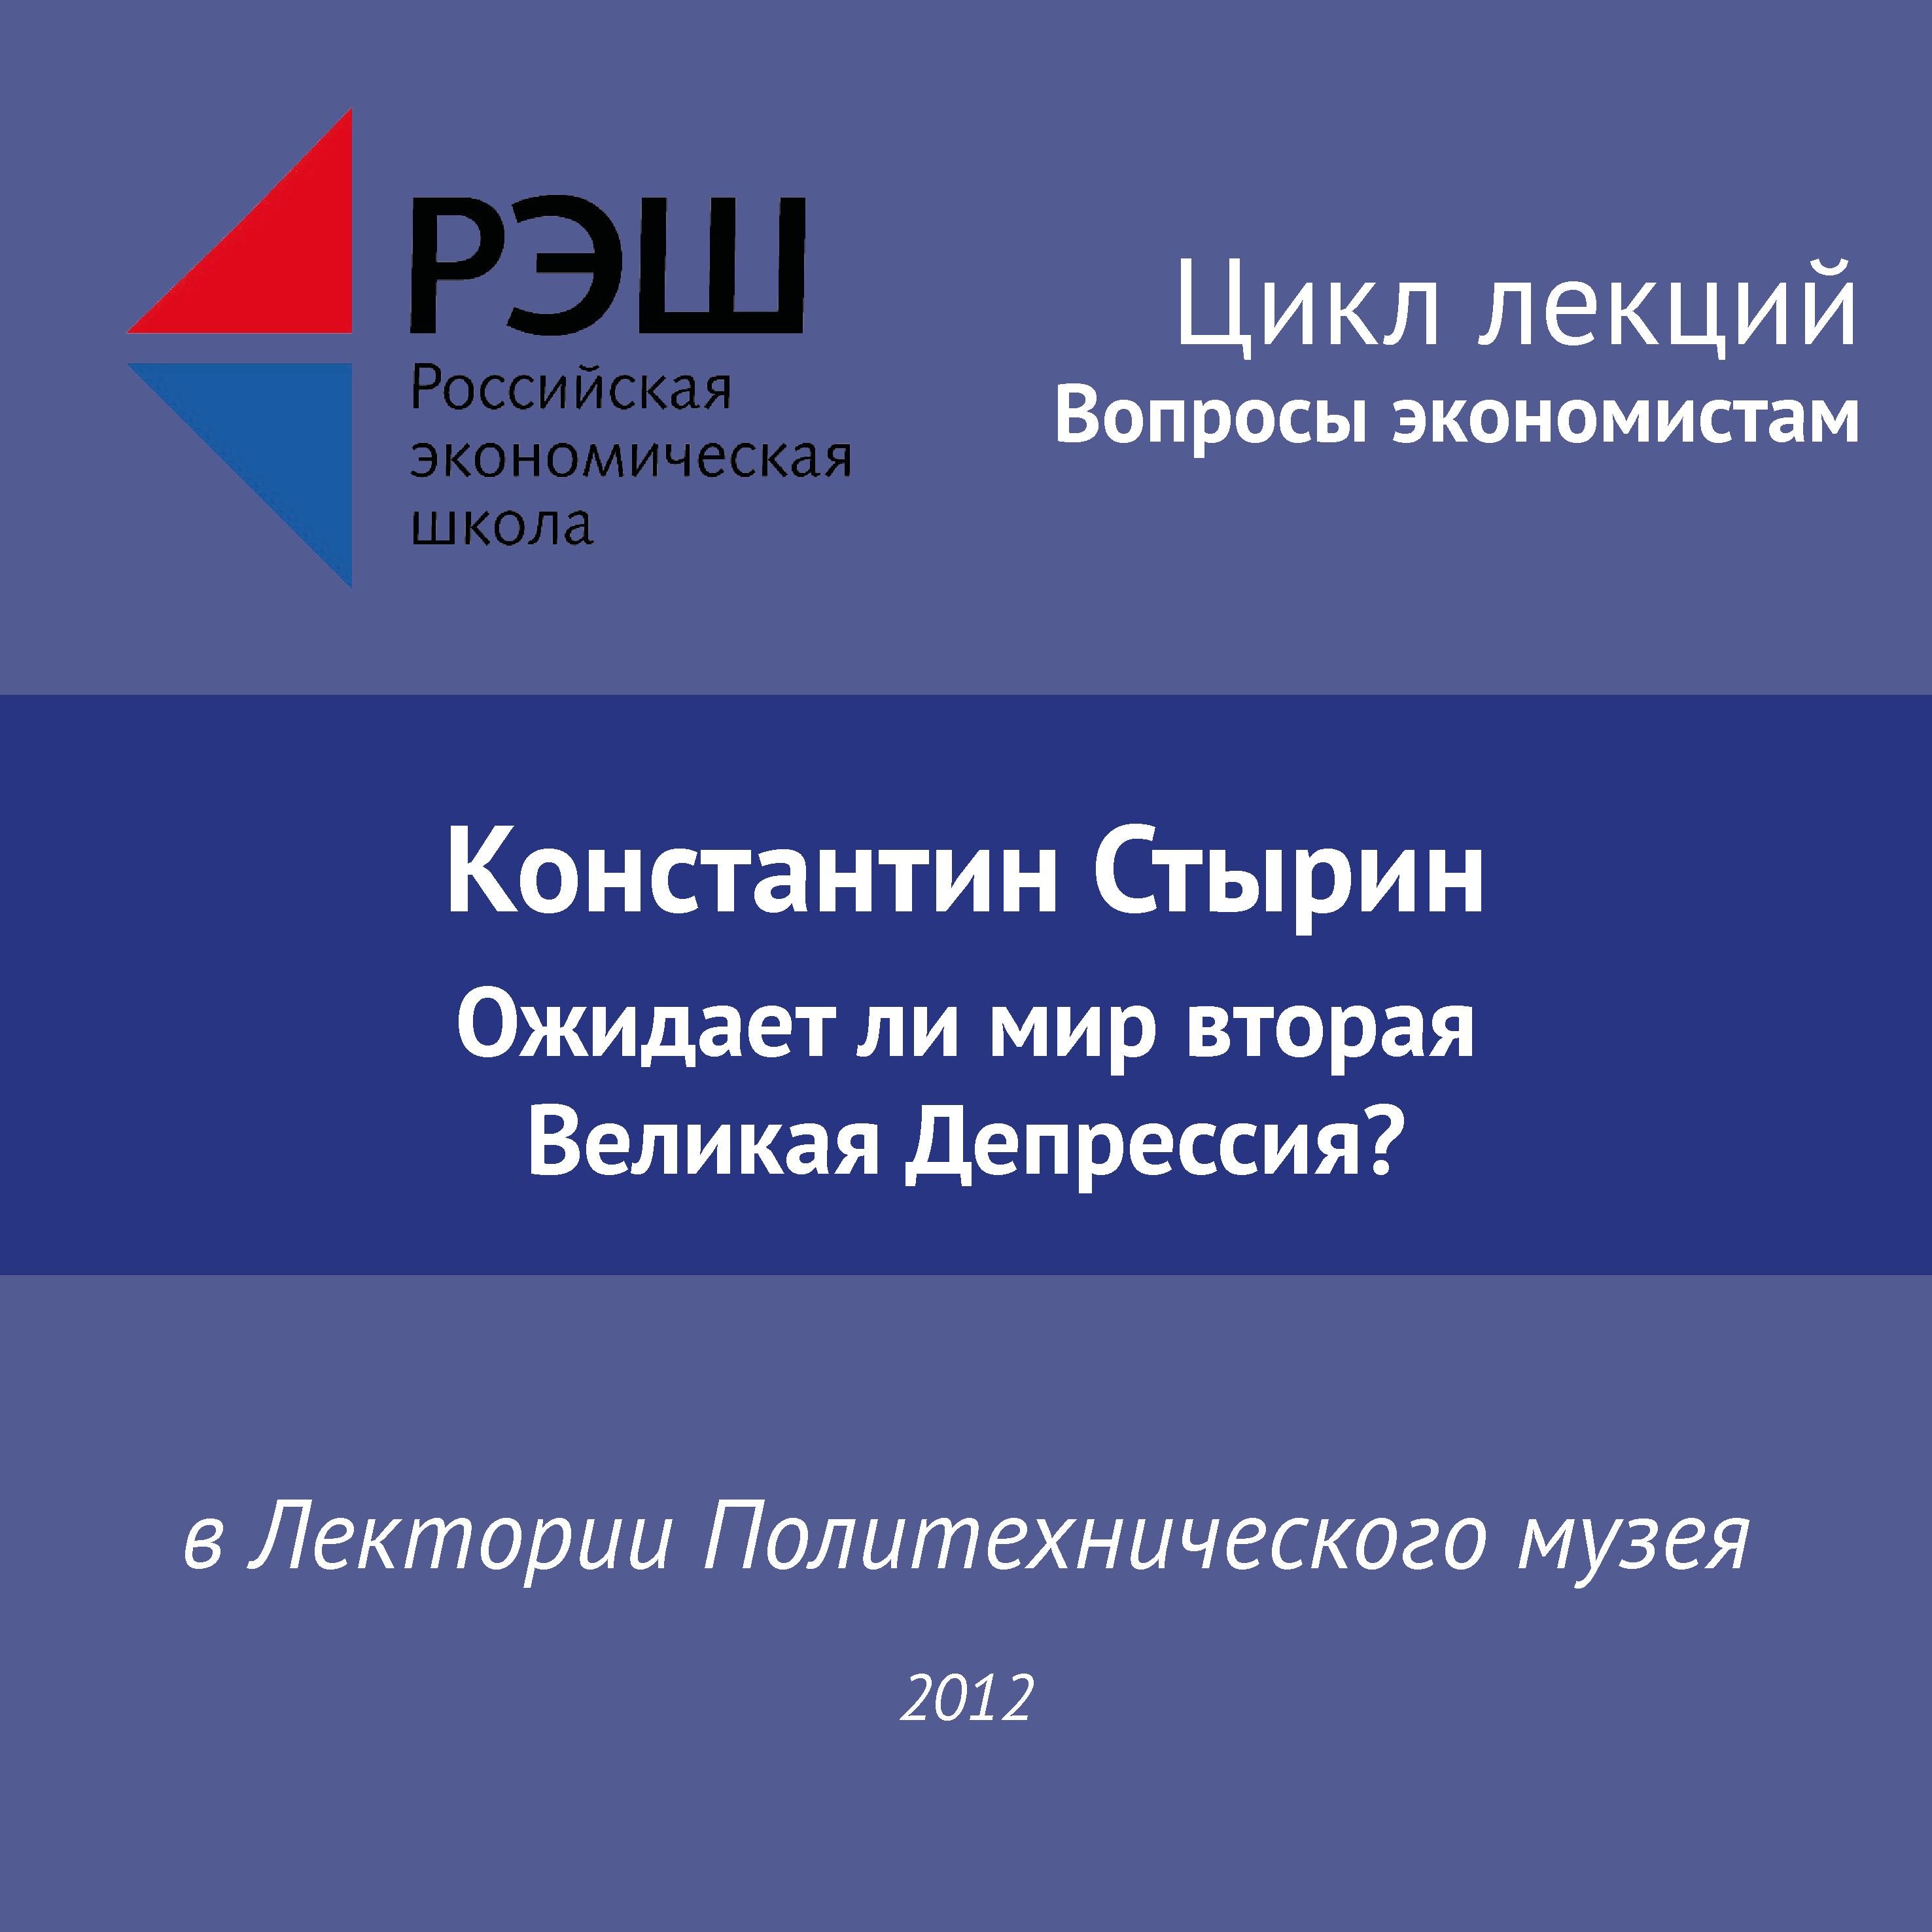 Лекция №01 «Константин Стырин. Ожидает ли мир вторая Великая Депрессия?»